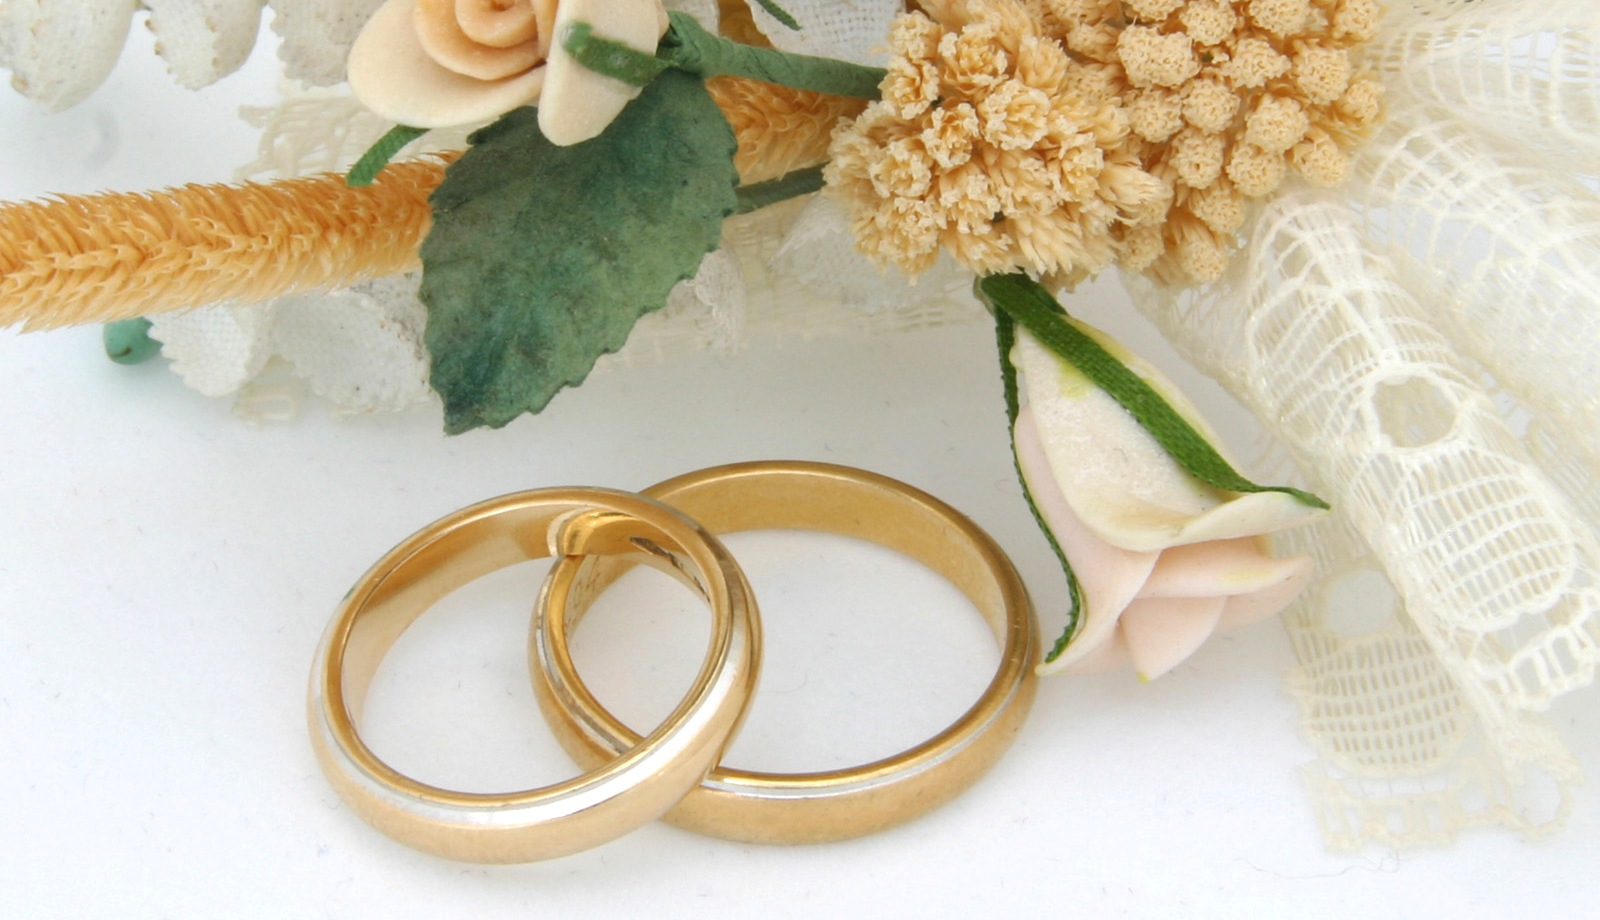 Matrimonio la svolta pu arrivare da scelte for Immagini di auguri matrimonio